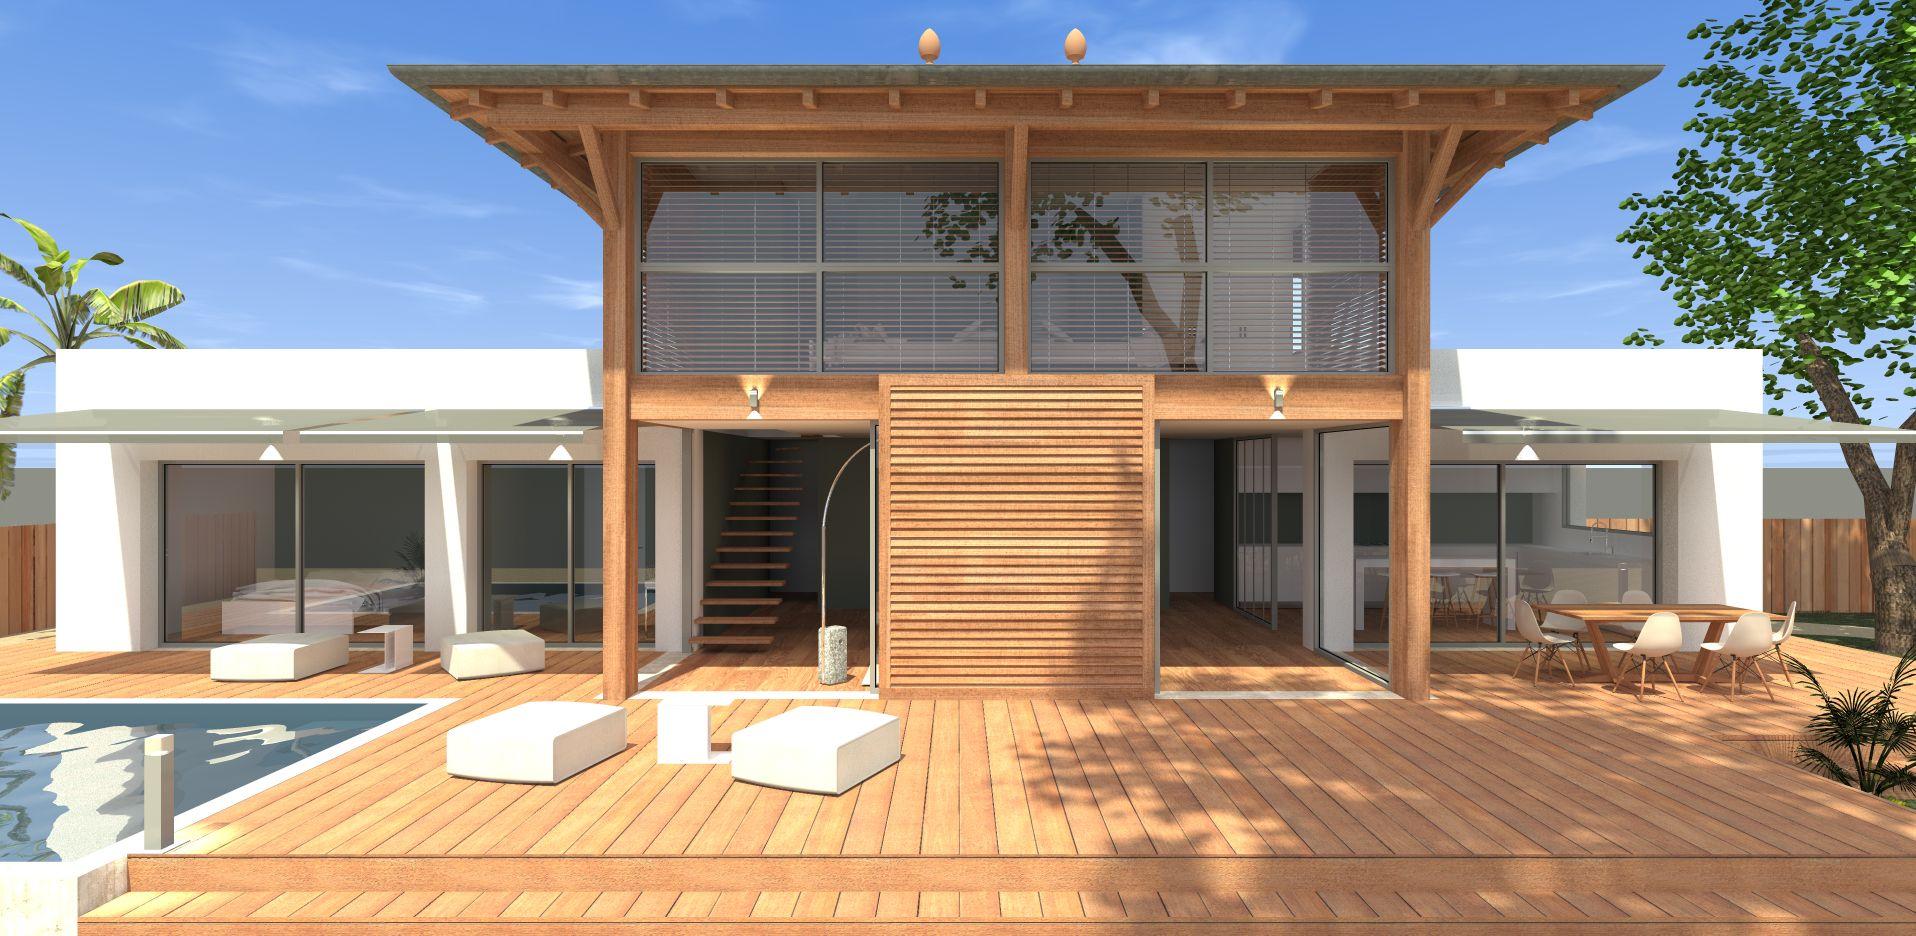 Constructeur de maison individuelle en gironde segu maison for Devenir constructeur de maison individuelle